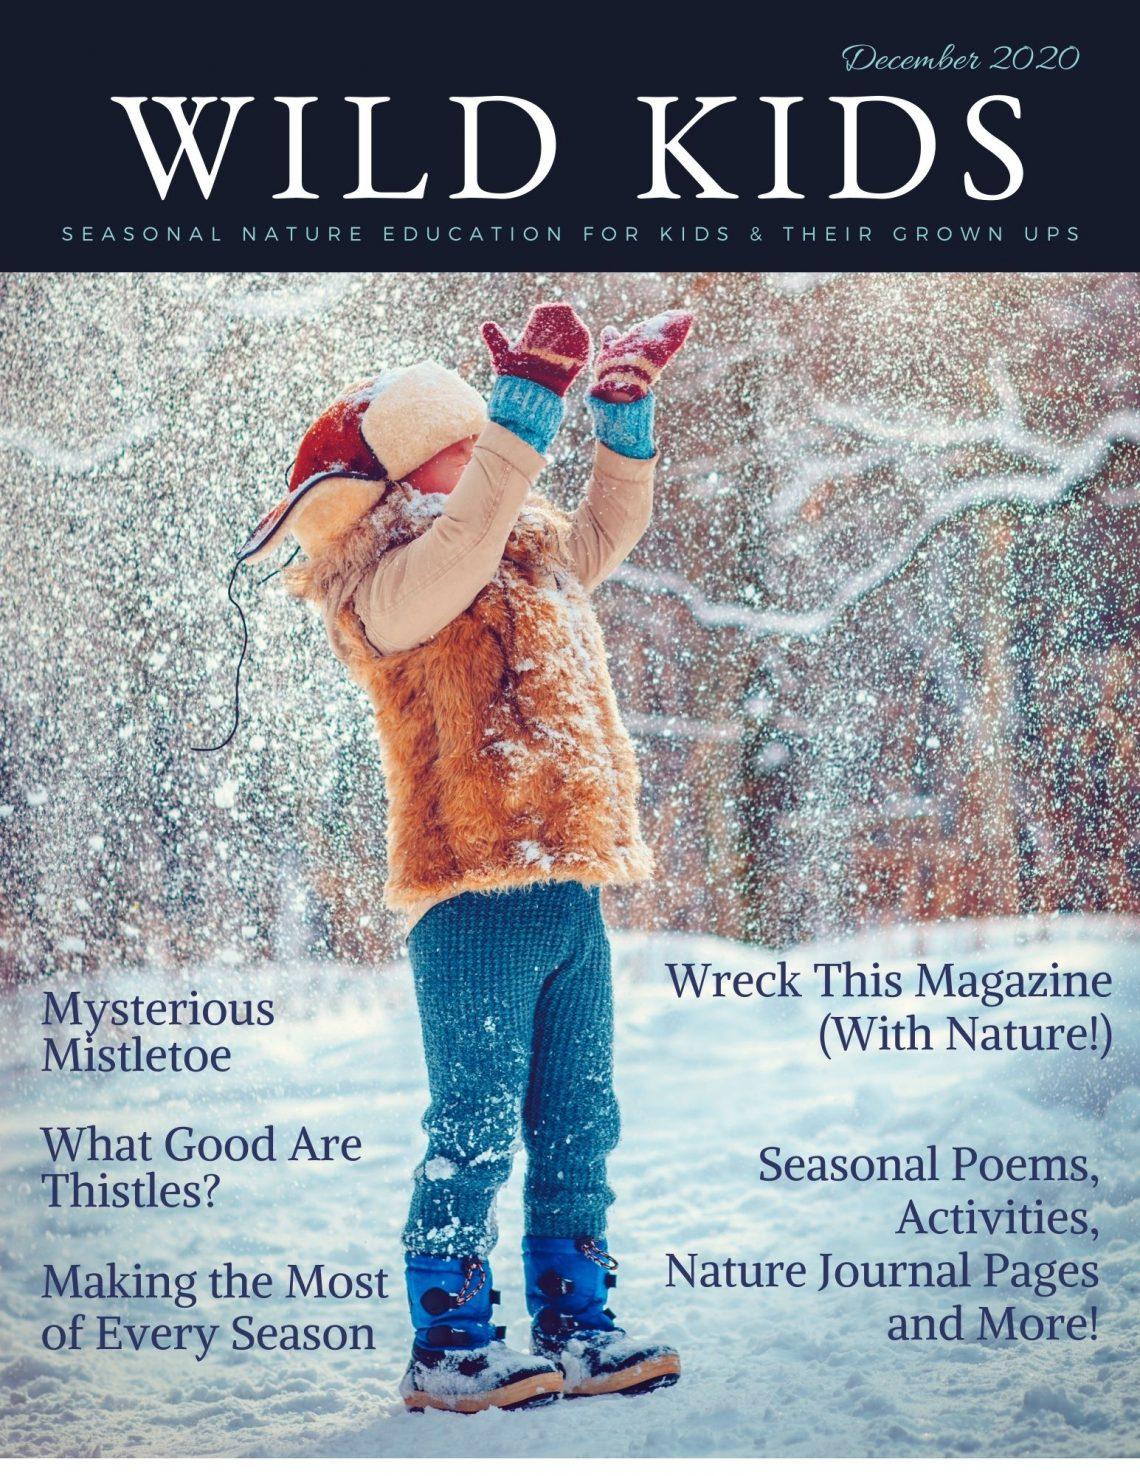 December 2020 Wild Kids Magazine